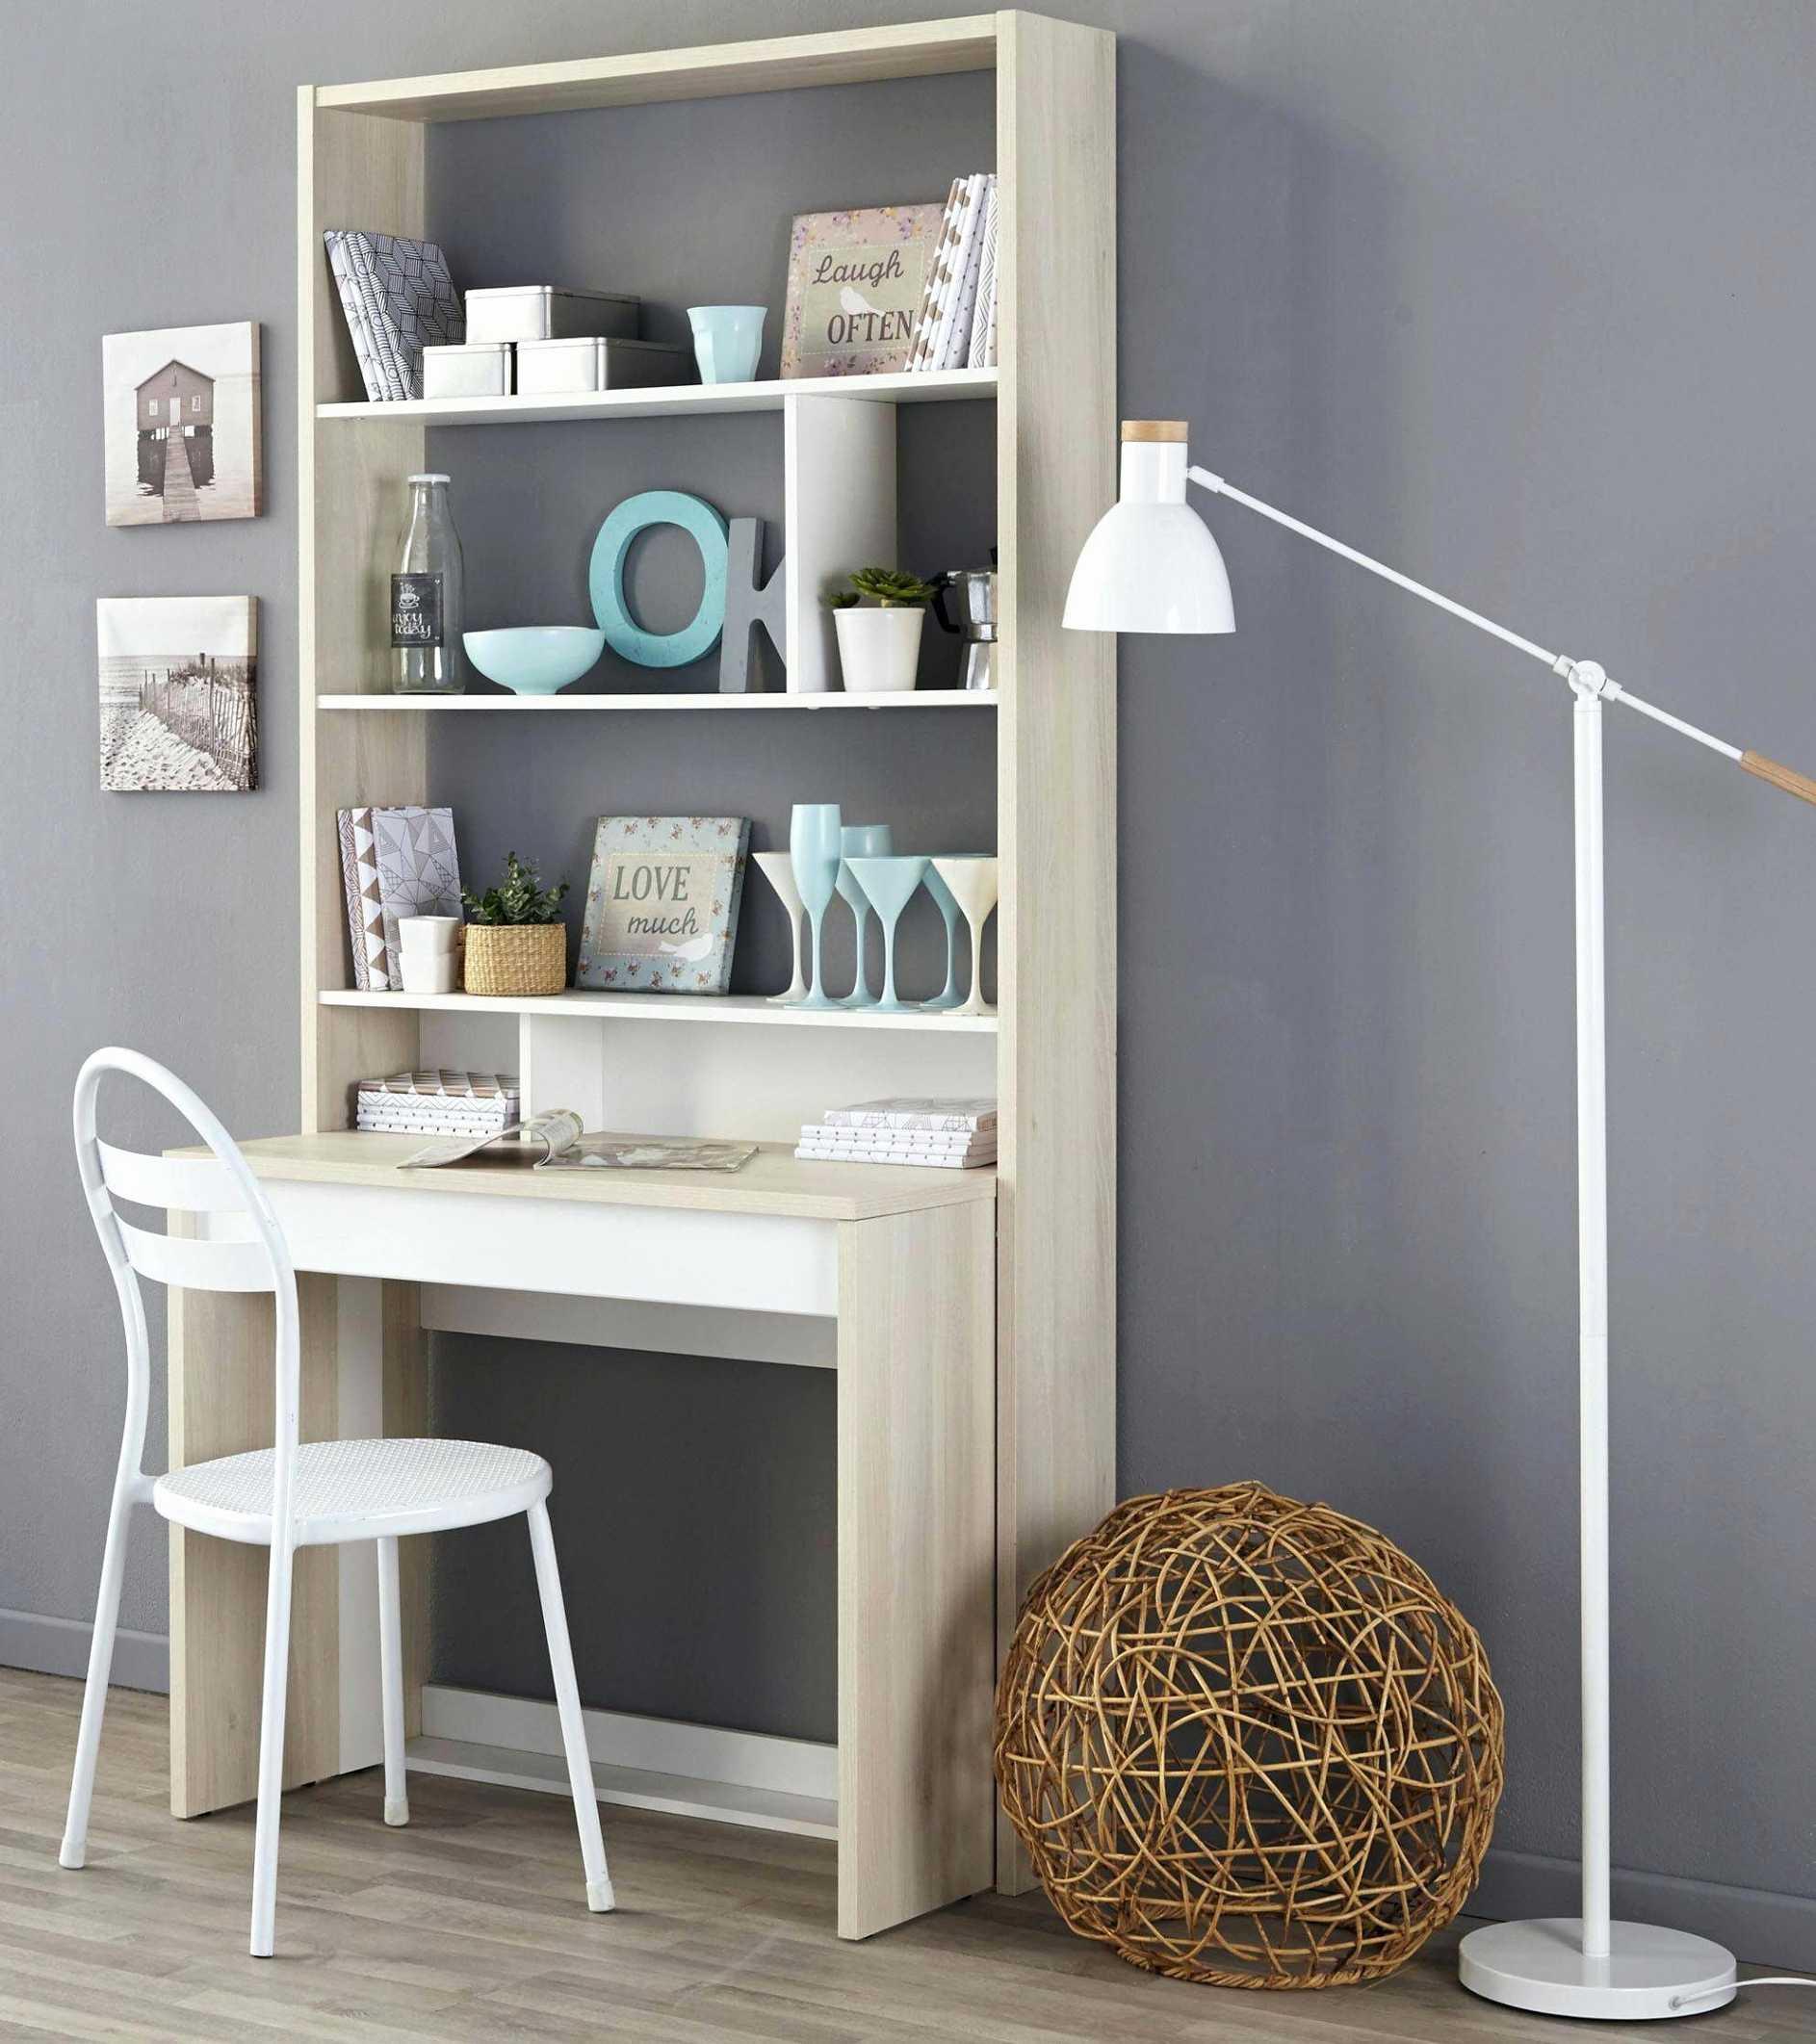 Dekoartikel Für Den Garten Best Of Schreibtisch Ikea Zusammenstellen   Garten Deko